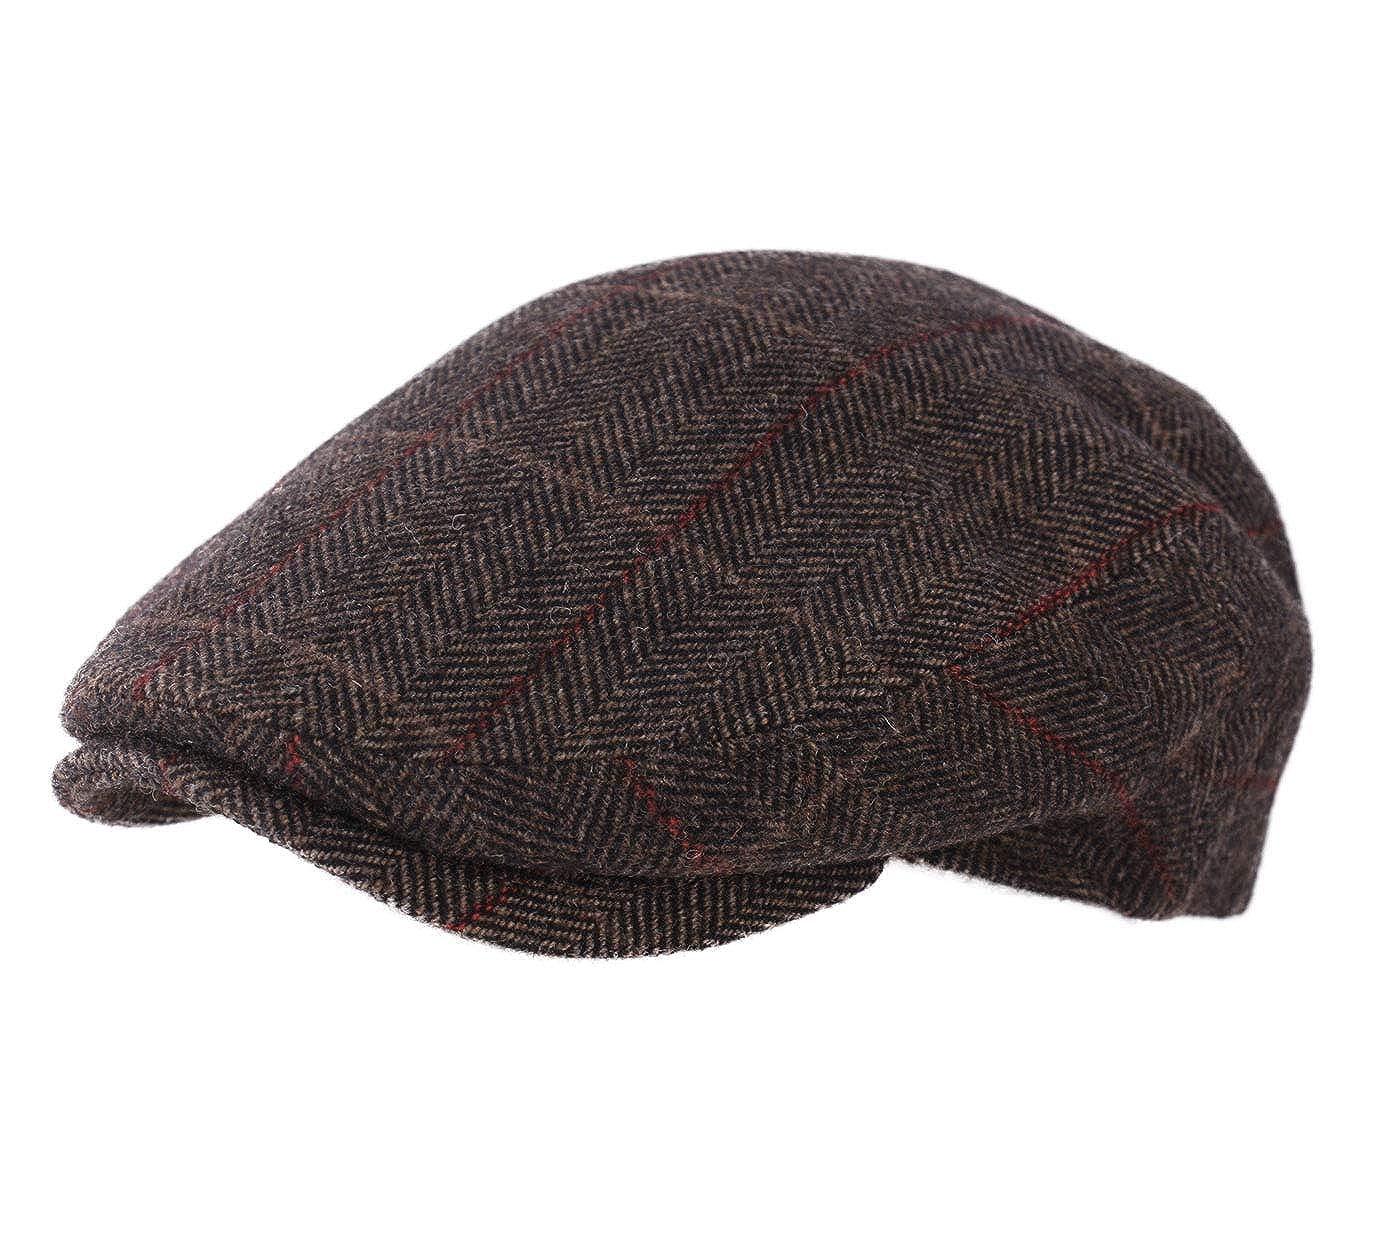 MYMYU Cappello in pelle unisex Moda Cappello ottagonale per uomo e ... 83a27092013c